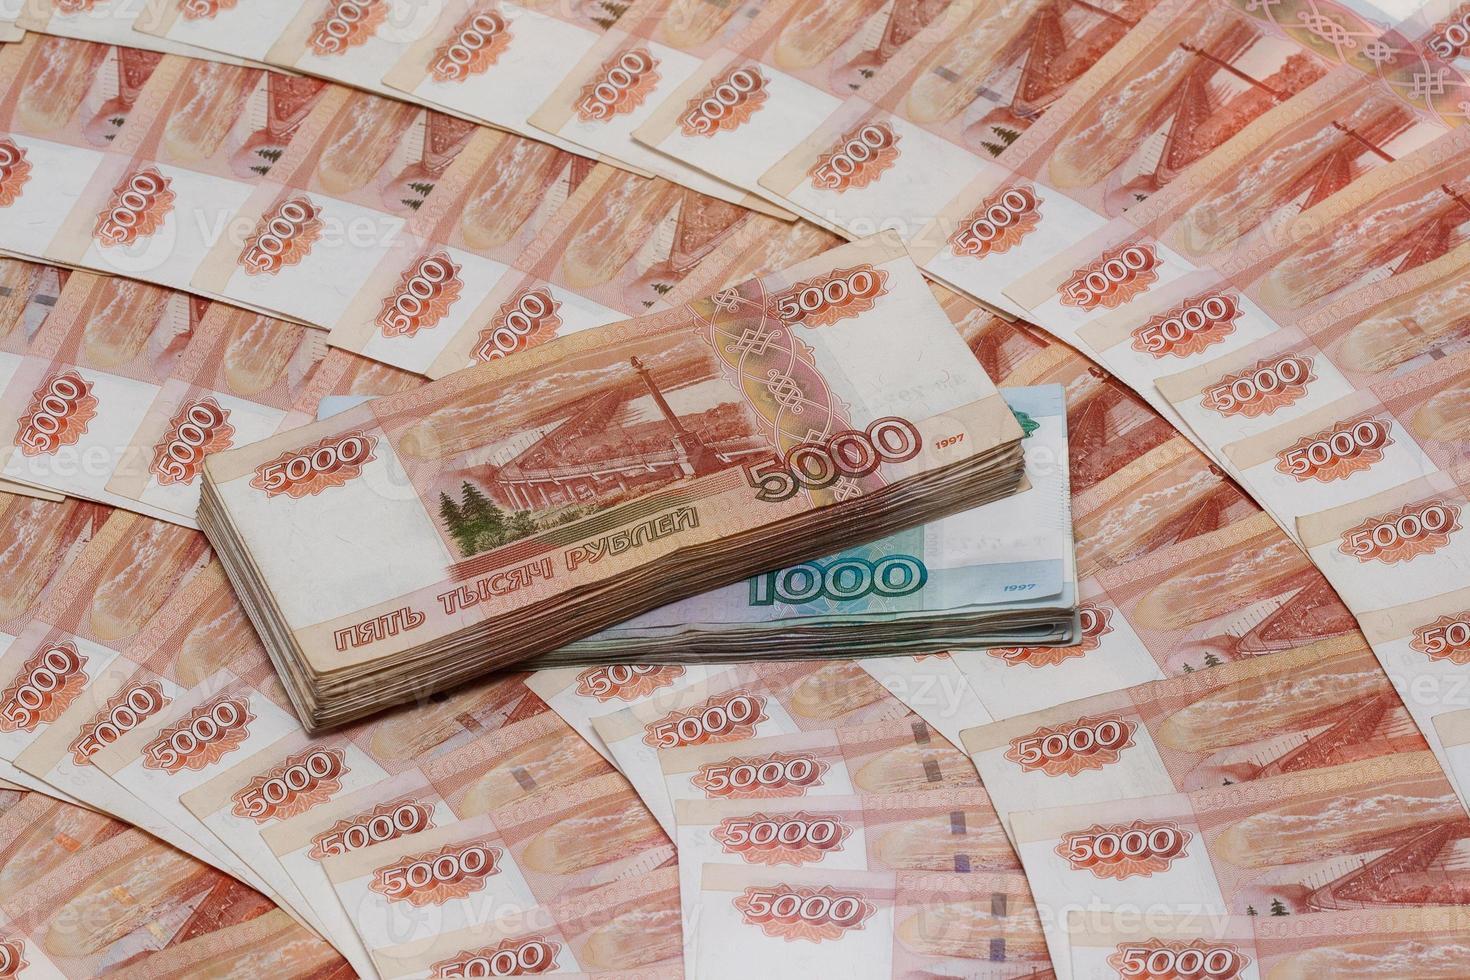 Russische roebels (Russische valuta) foto